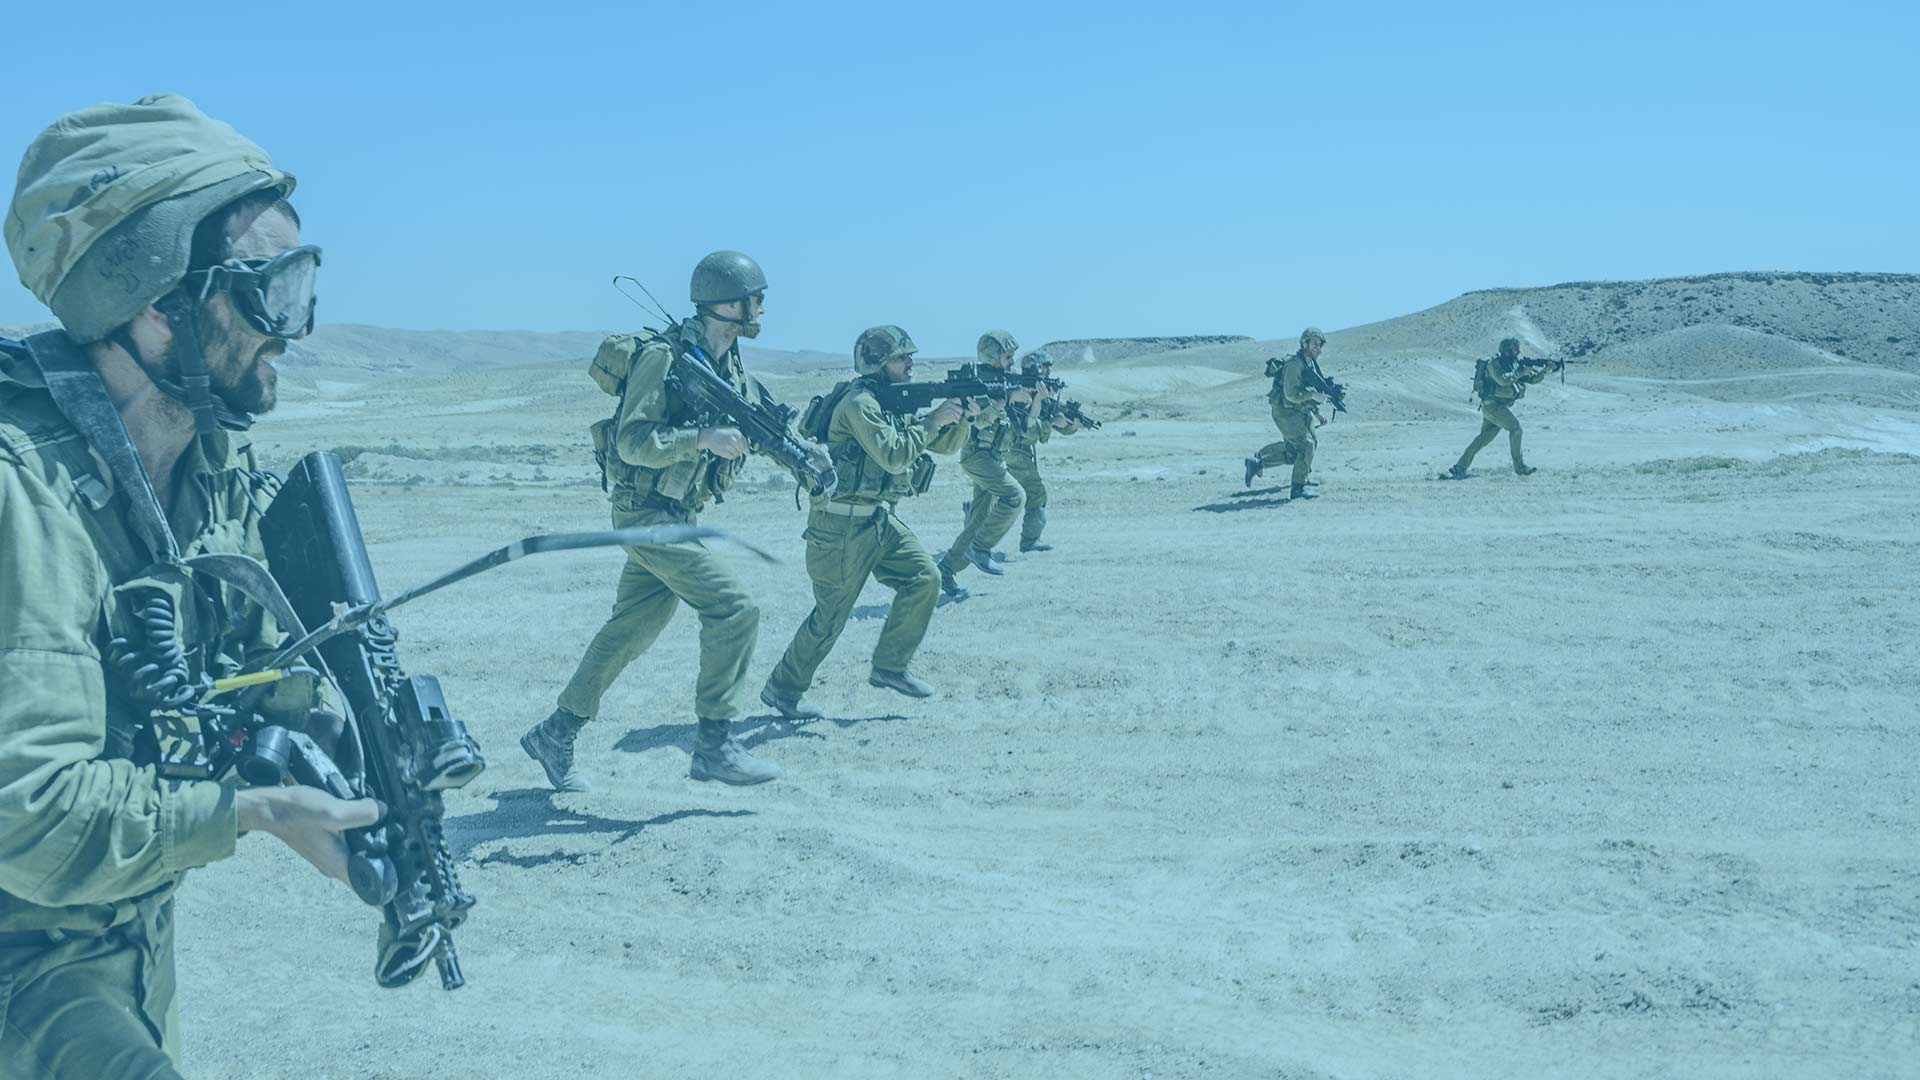 أخبار امنية وعسكرية | مكان الاخبار